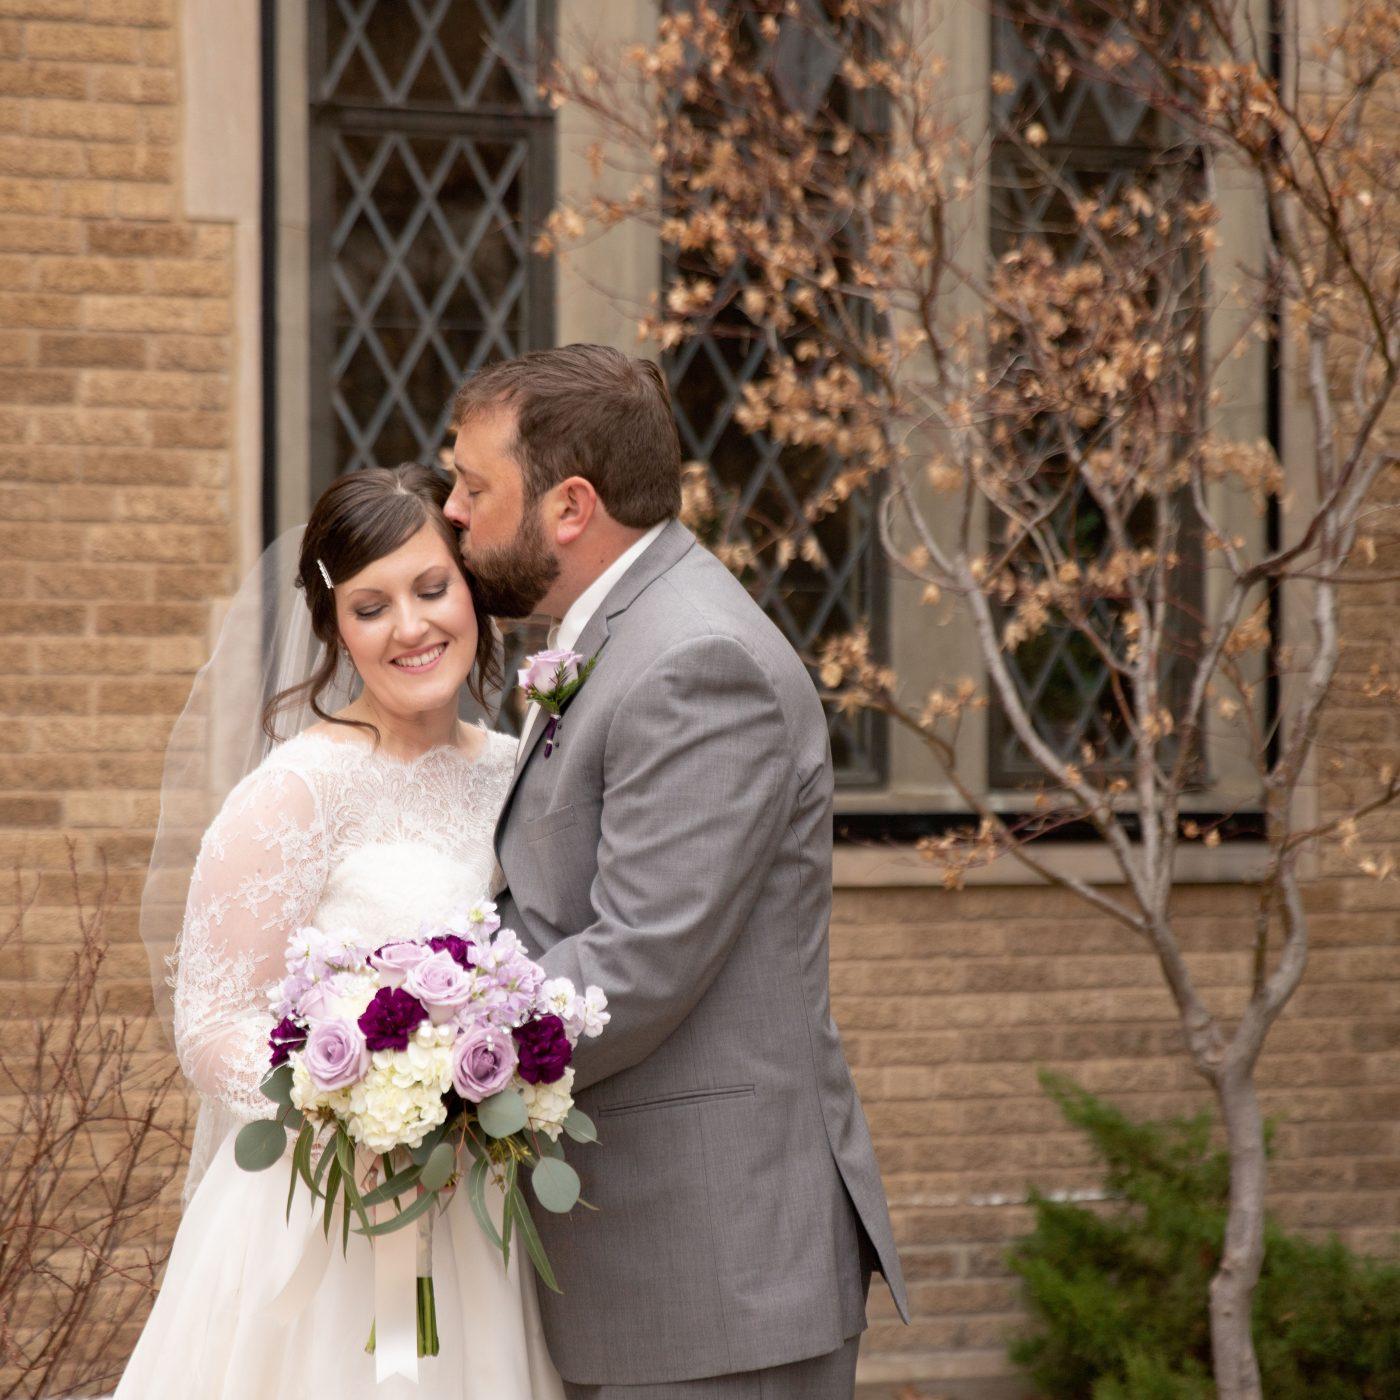 First United Methodist Church wedding